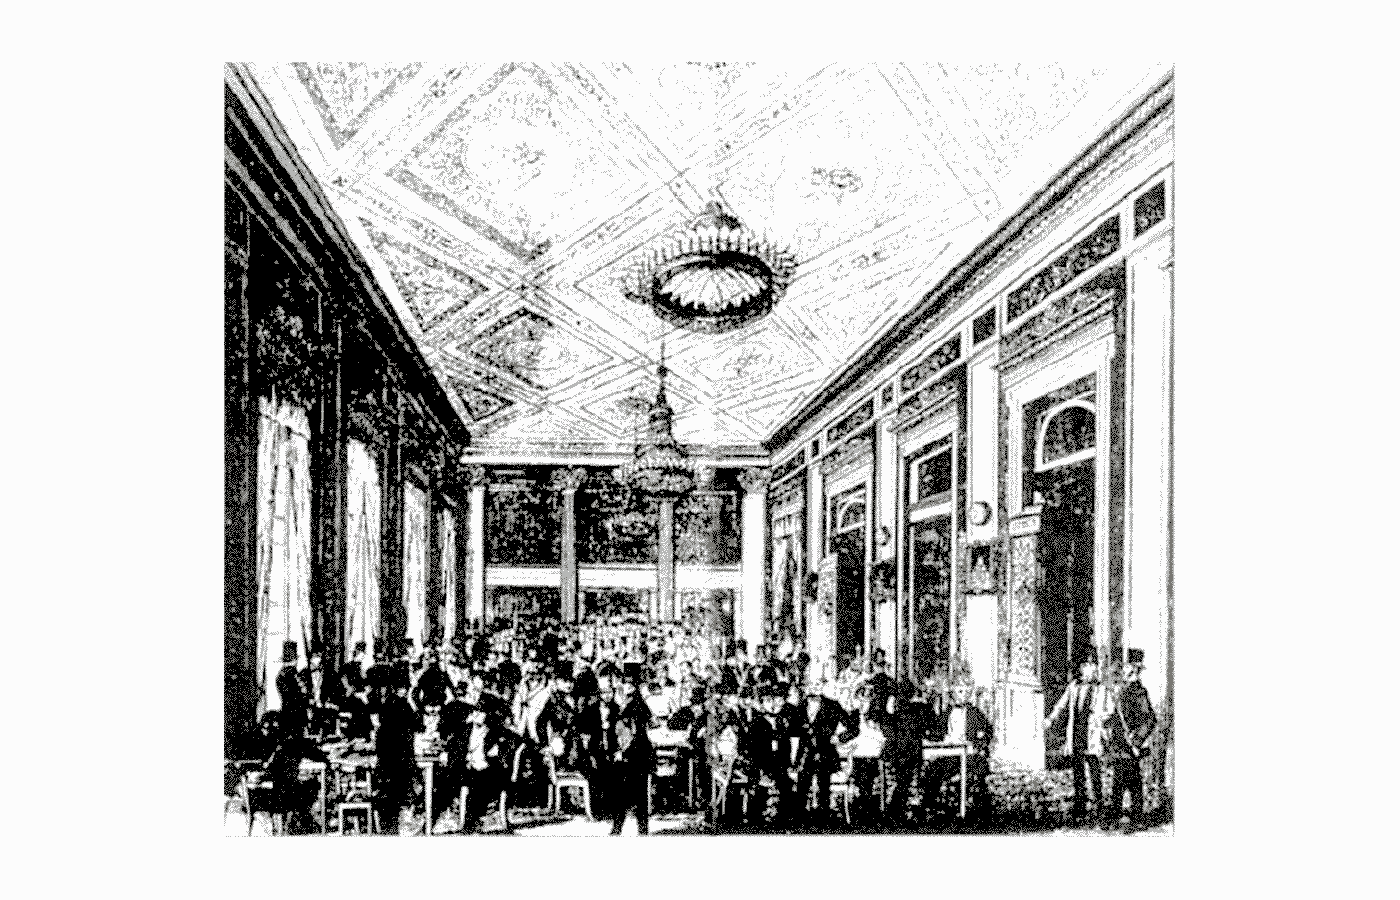 Лейпцигская книжная ярмарка, 1800. Источник: semanticscholar.org